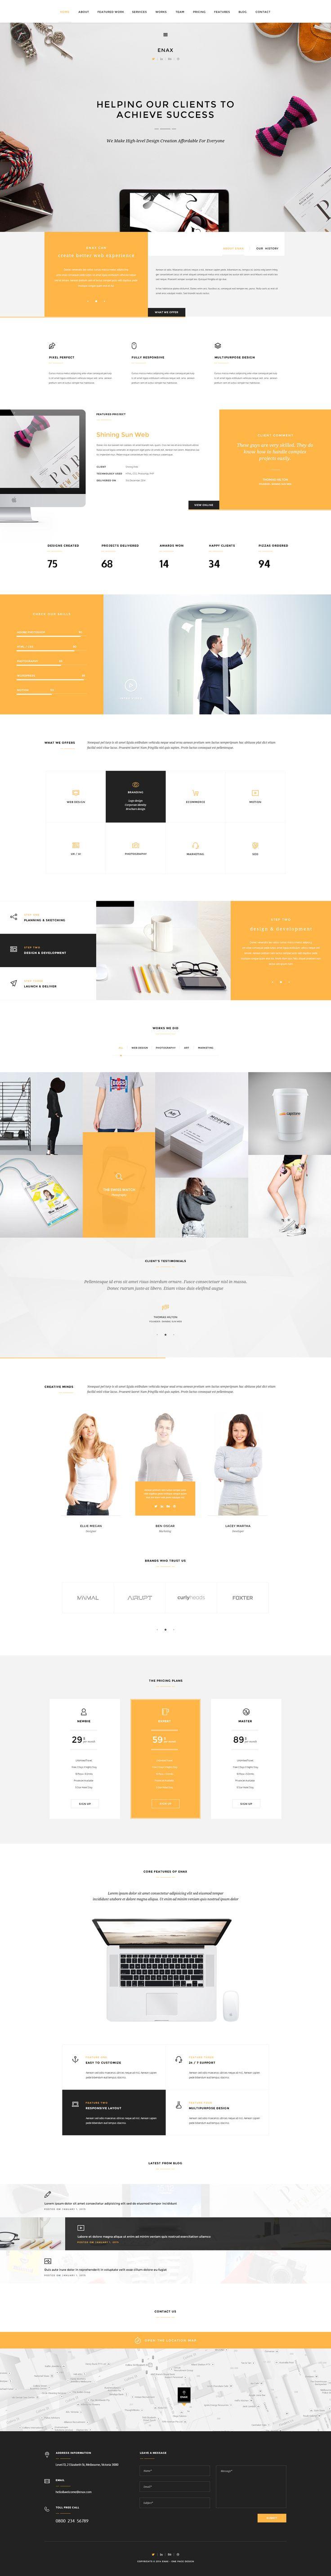 Site vitrine Utilisation d'aplat de couleurs